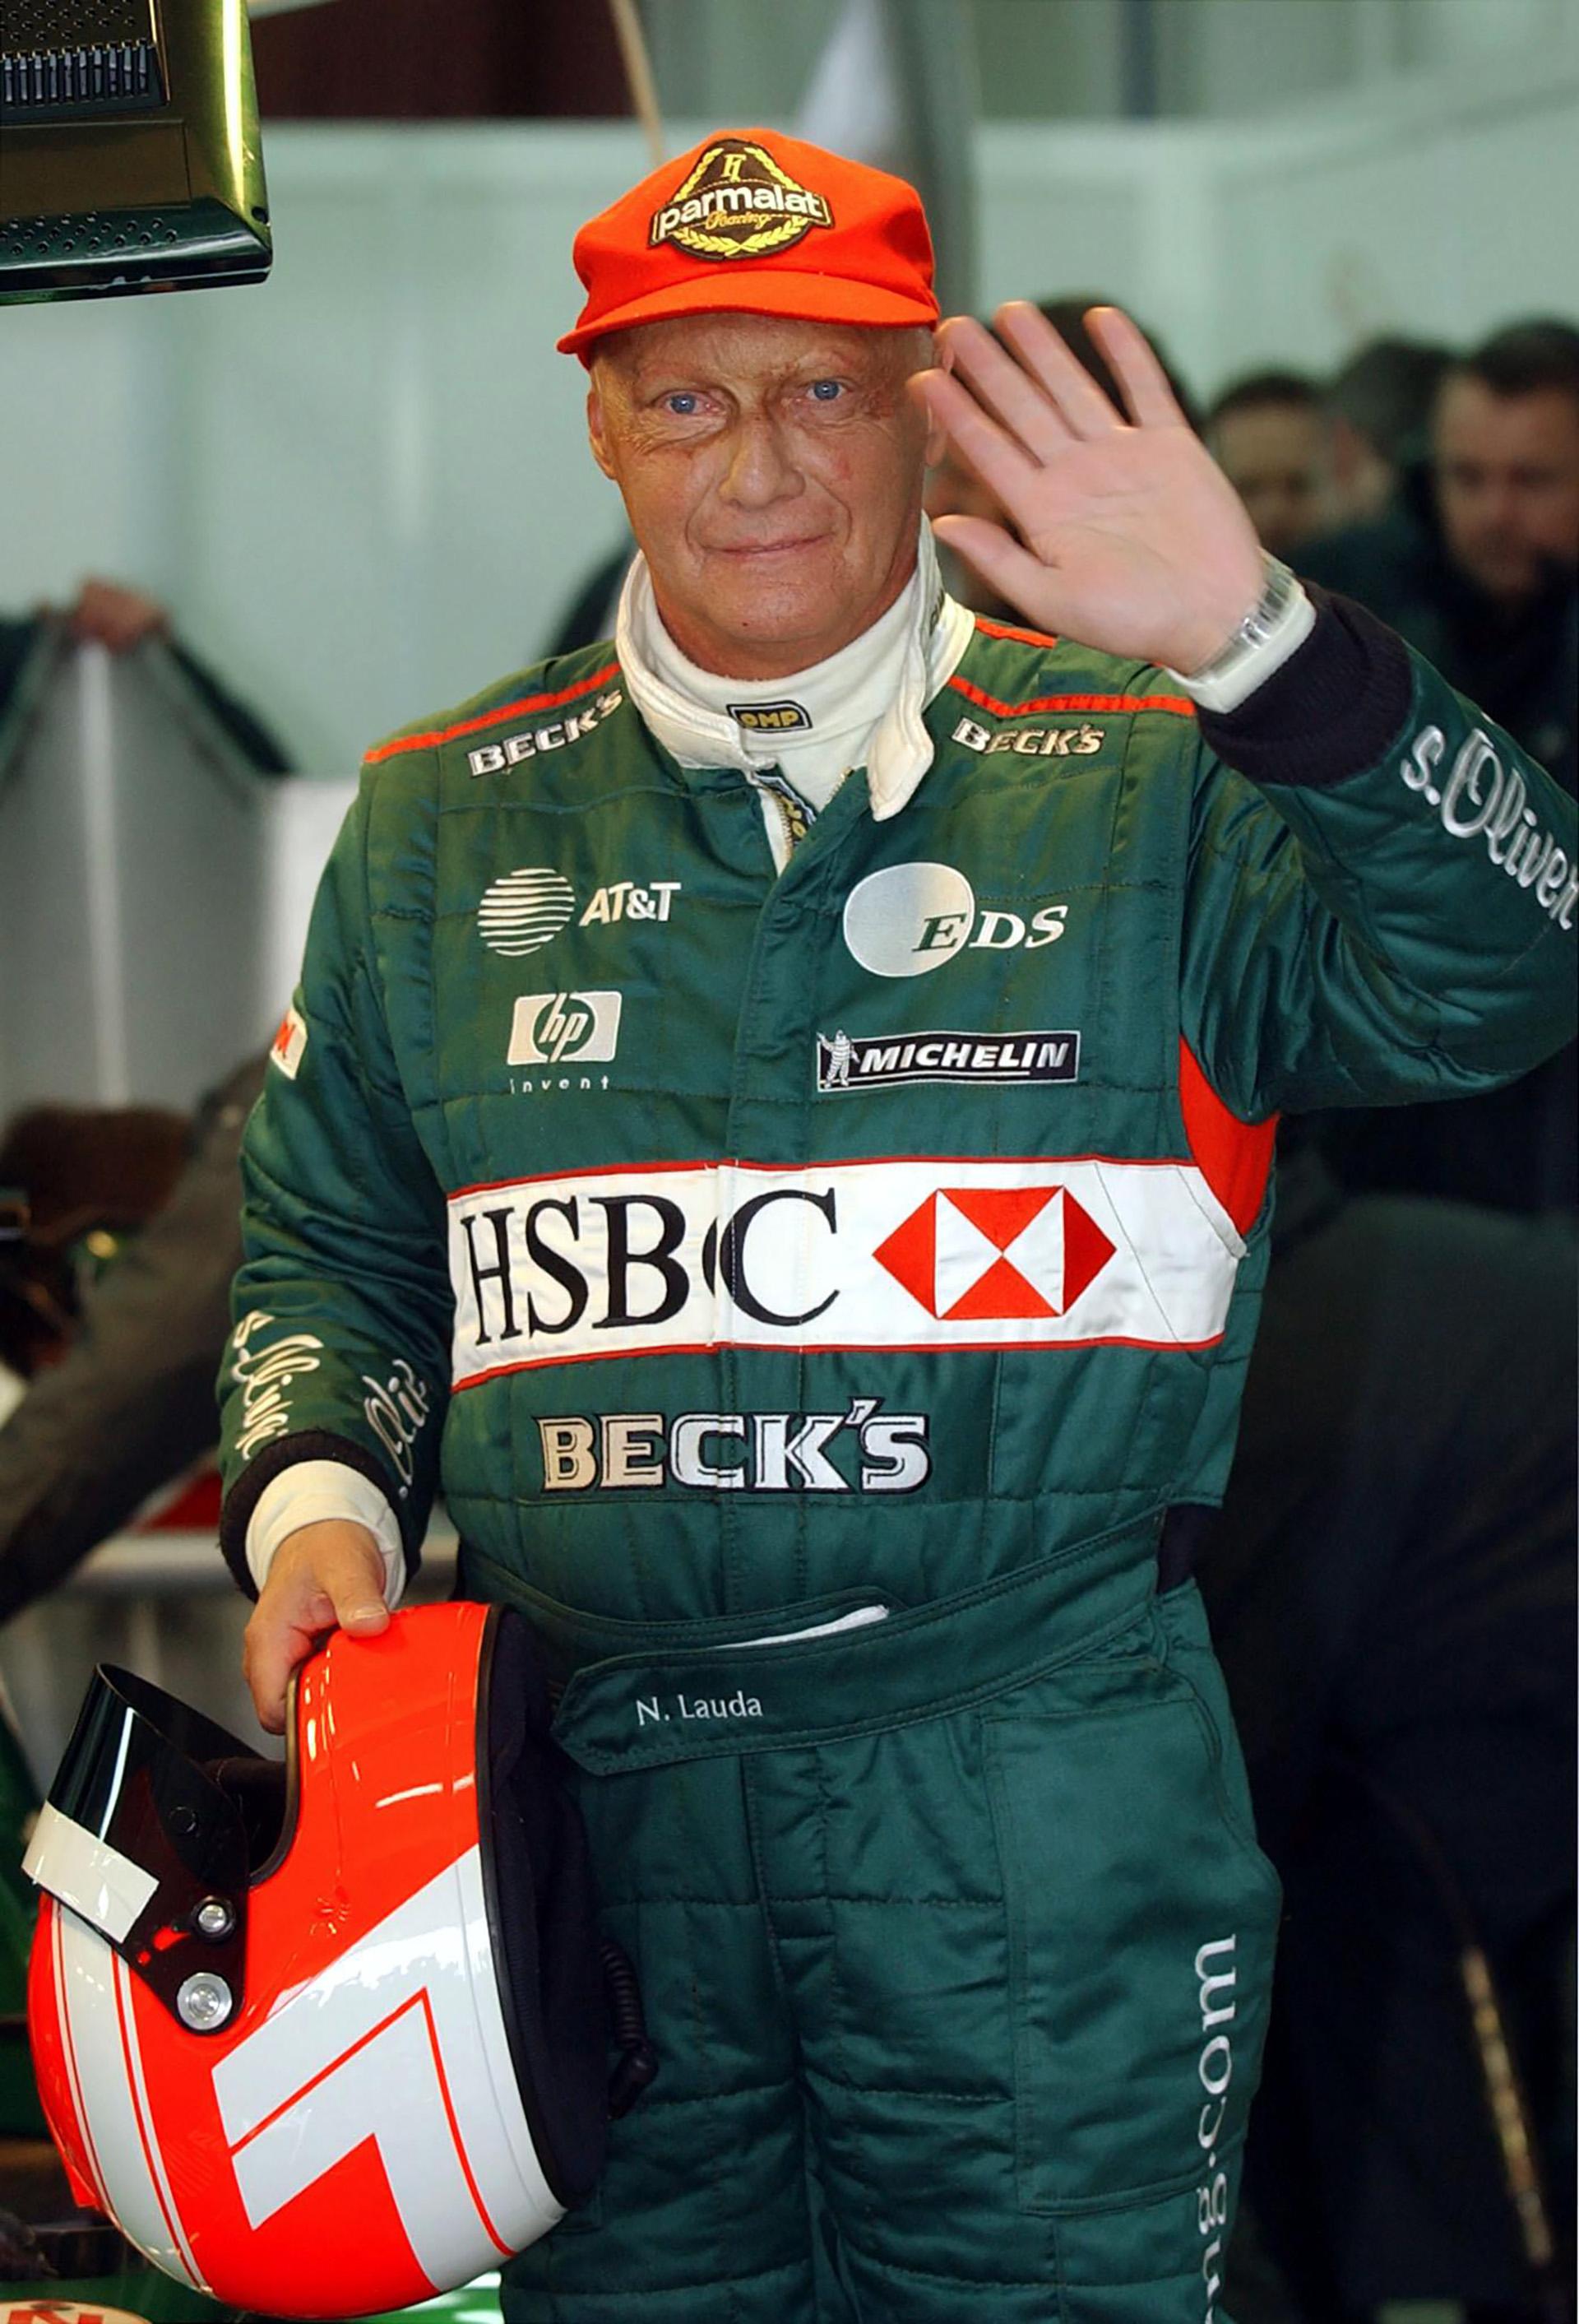 13 de enero de 2002, Niki Lauda saluda después de probar la Fórmula 1 del Jaguar R2 en el hipódromo de Valencia